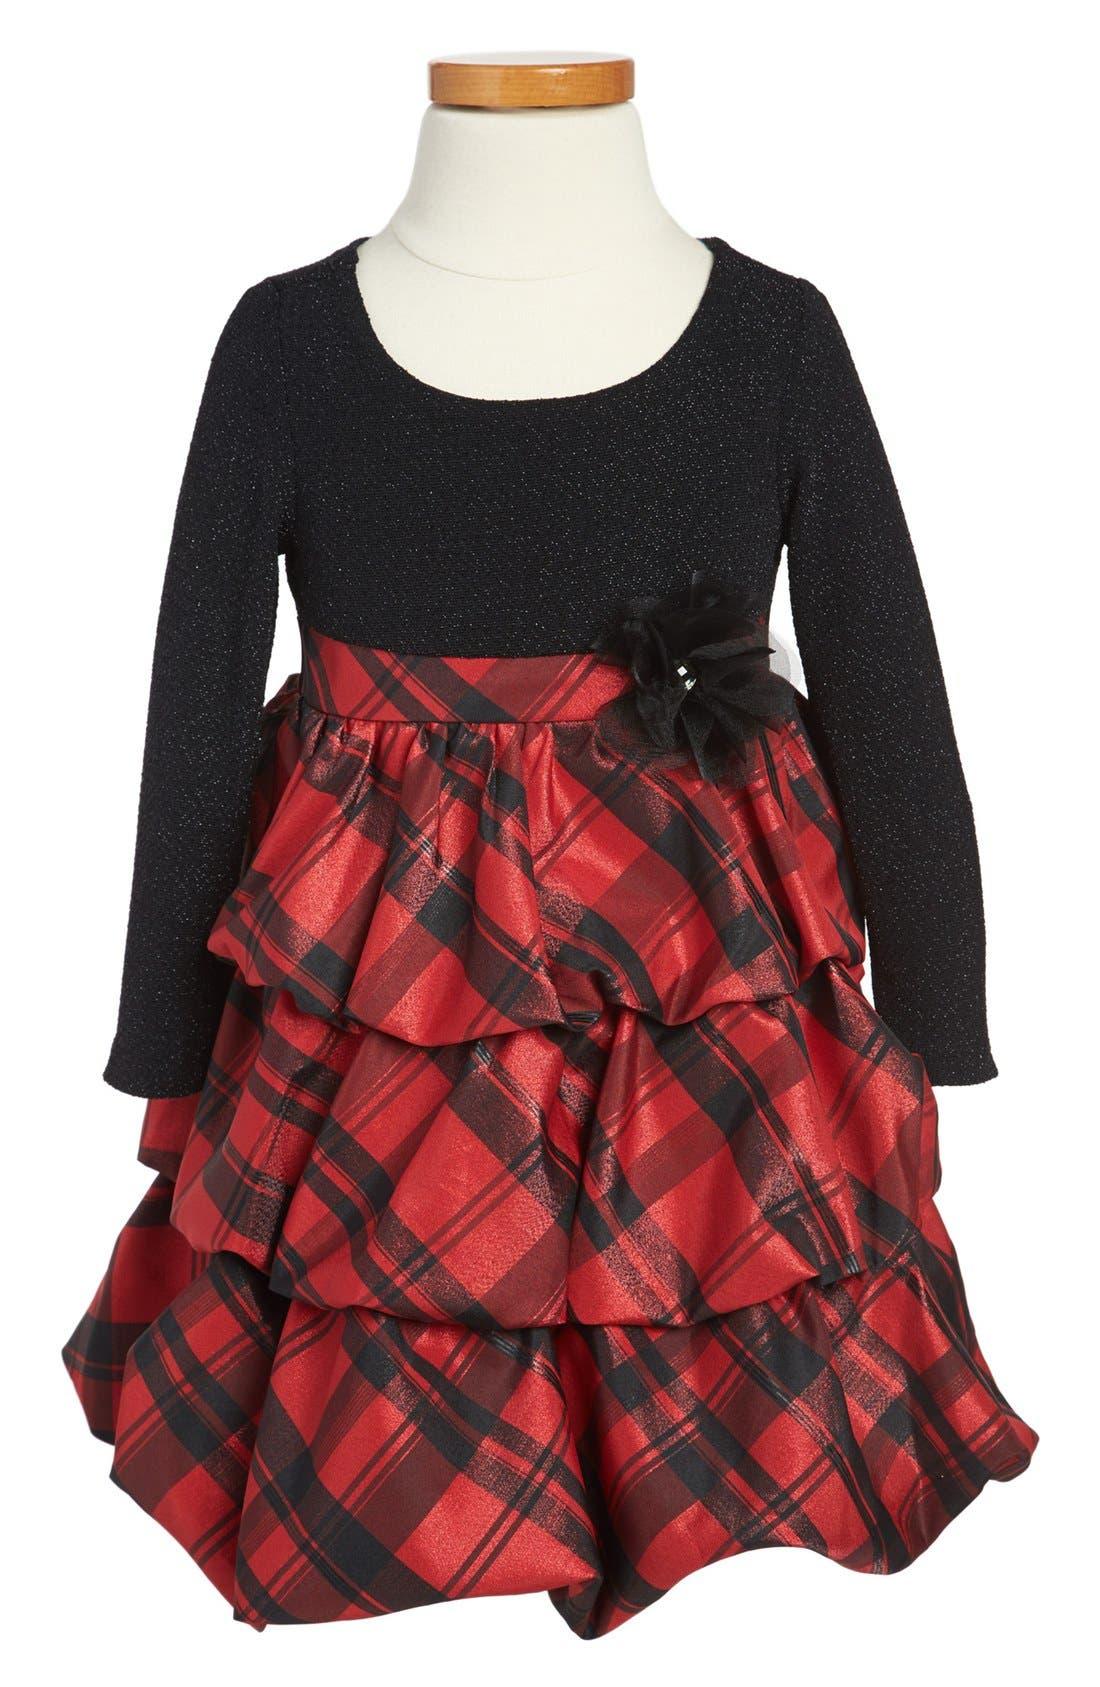 Alternate Image 1 Selected - Iris & Ivy Tartan Taffeta Dress (Toddler Girls)